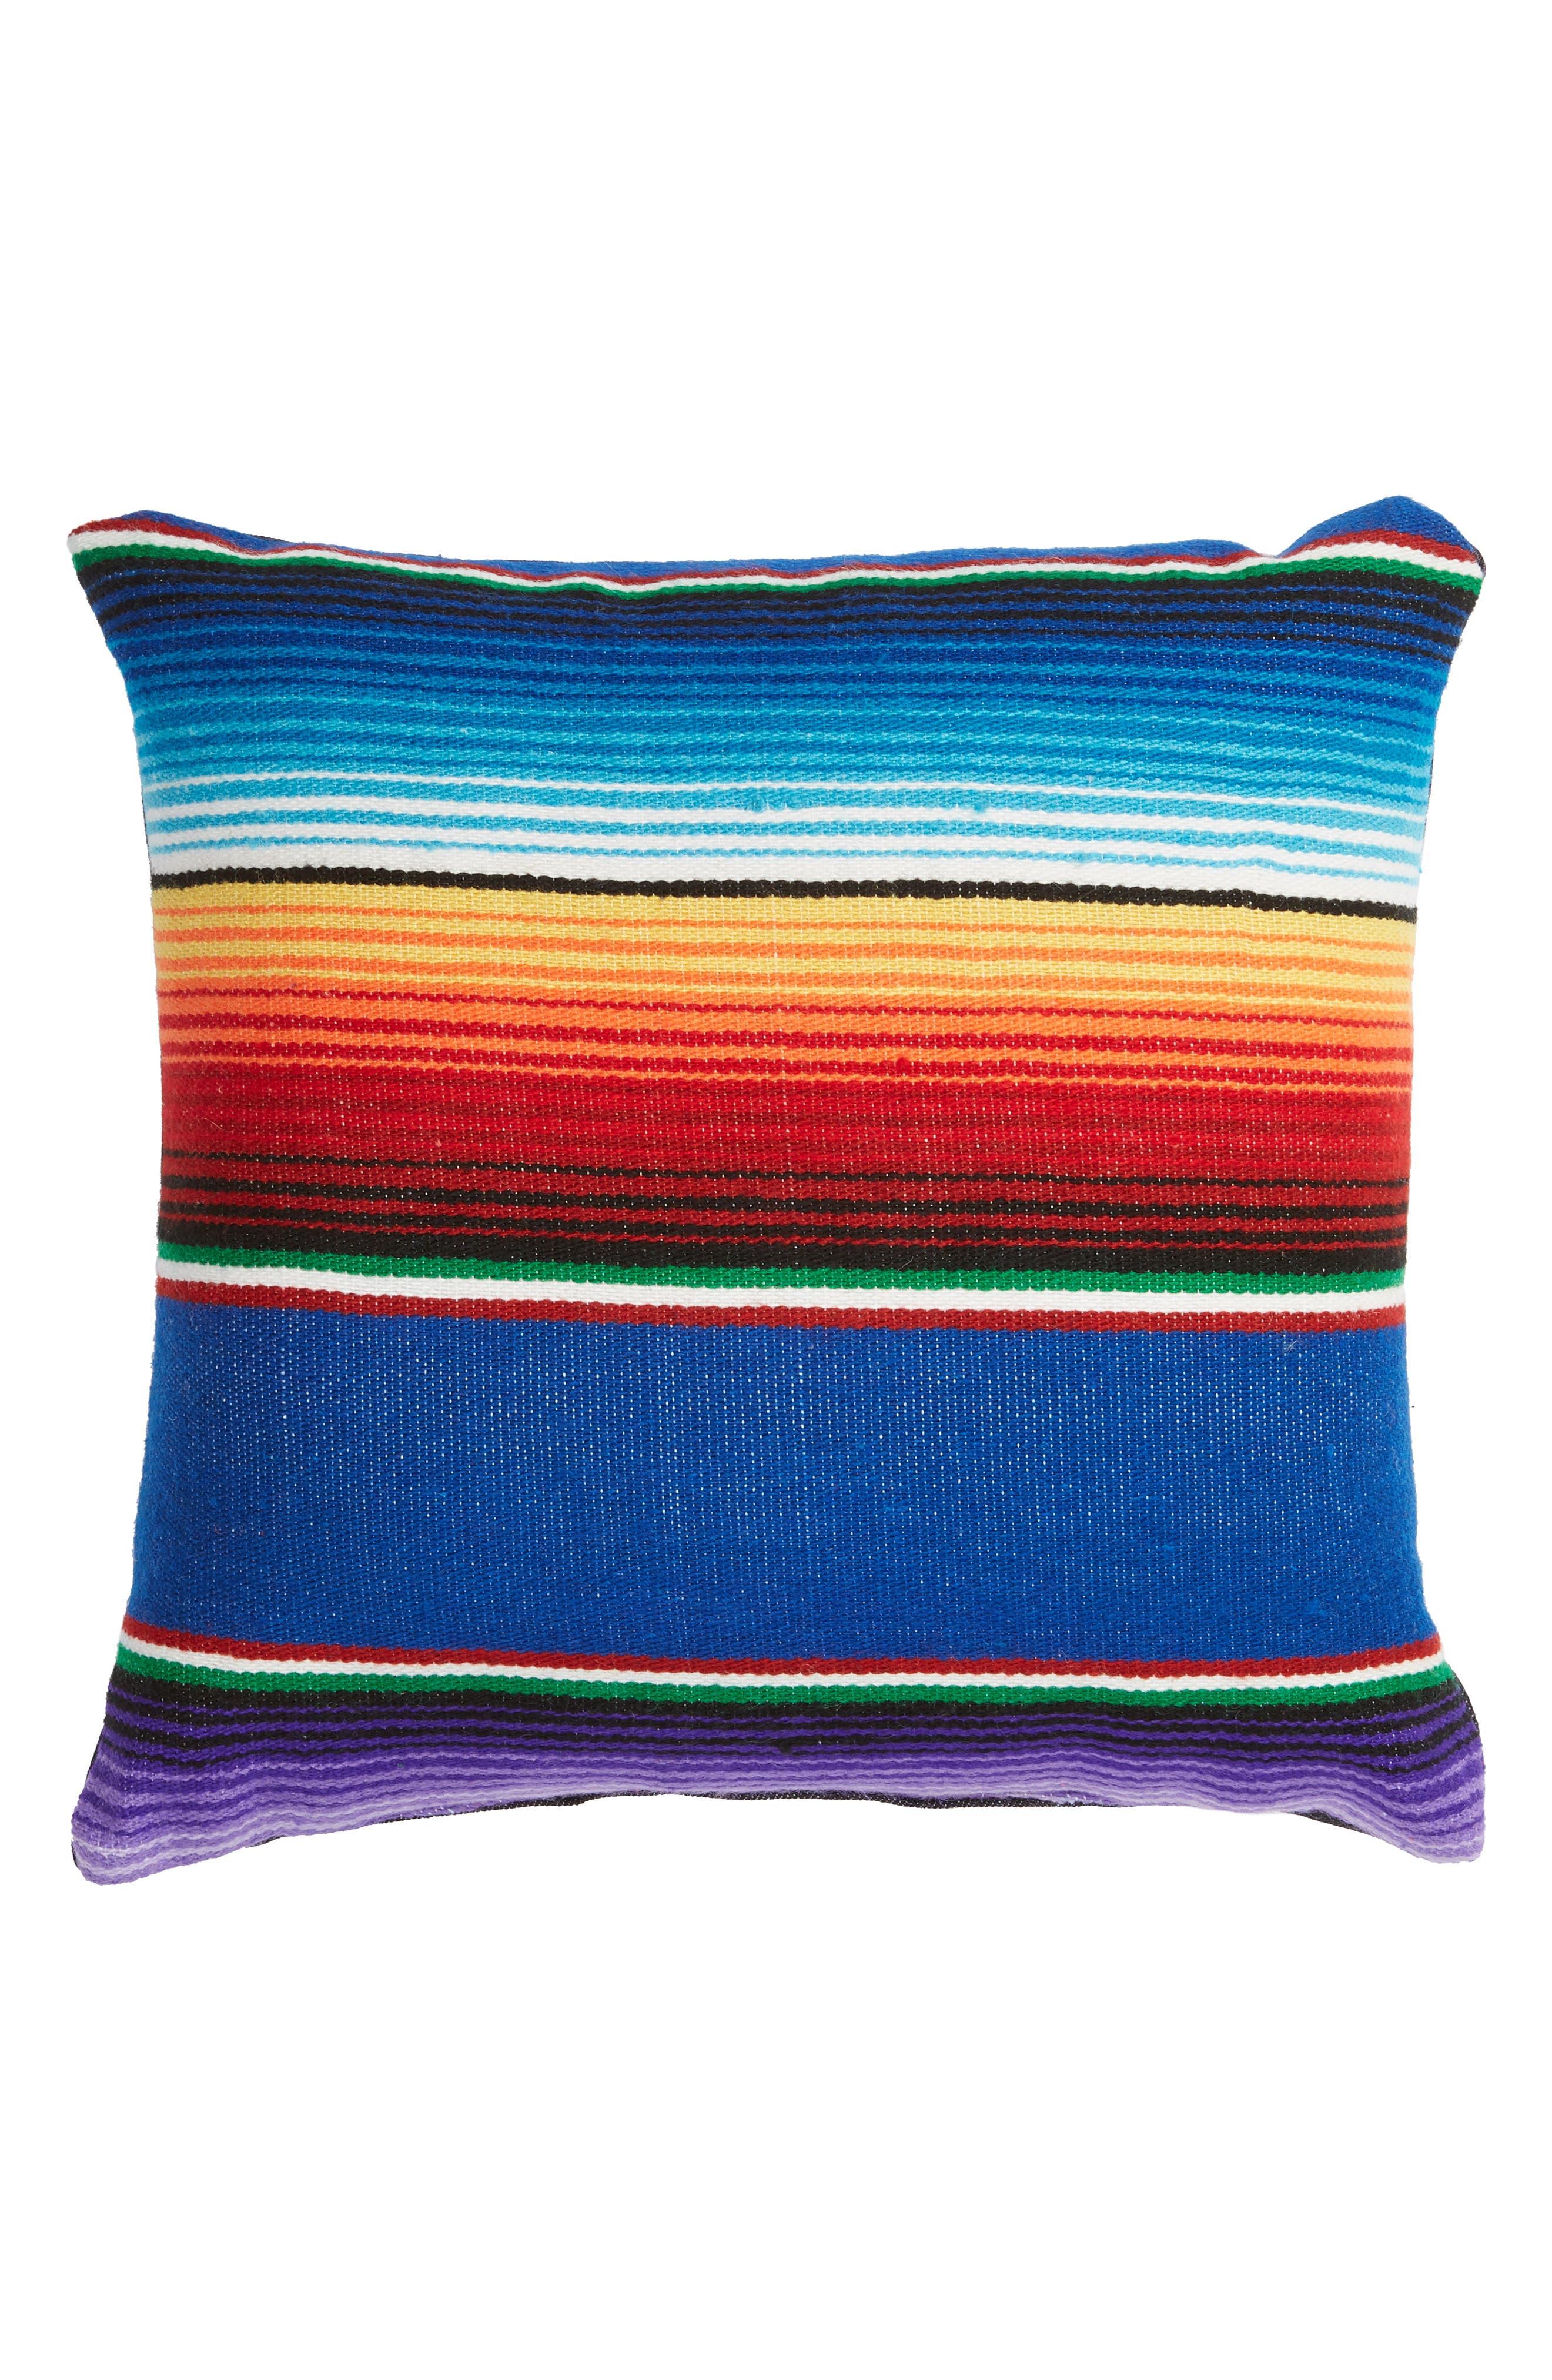 Small Salito Serape Square Accent Pillow,                             Main thumbnail 1, color,                             BLUE/ AZULE